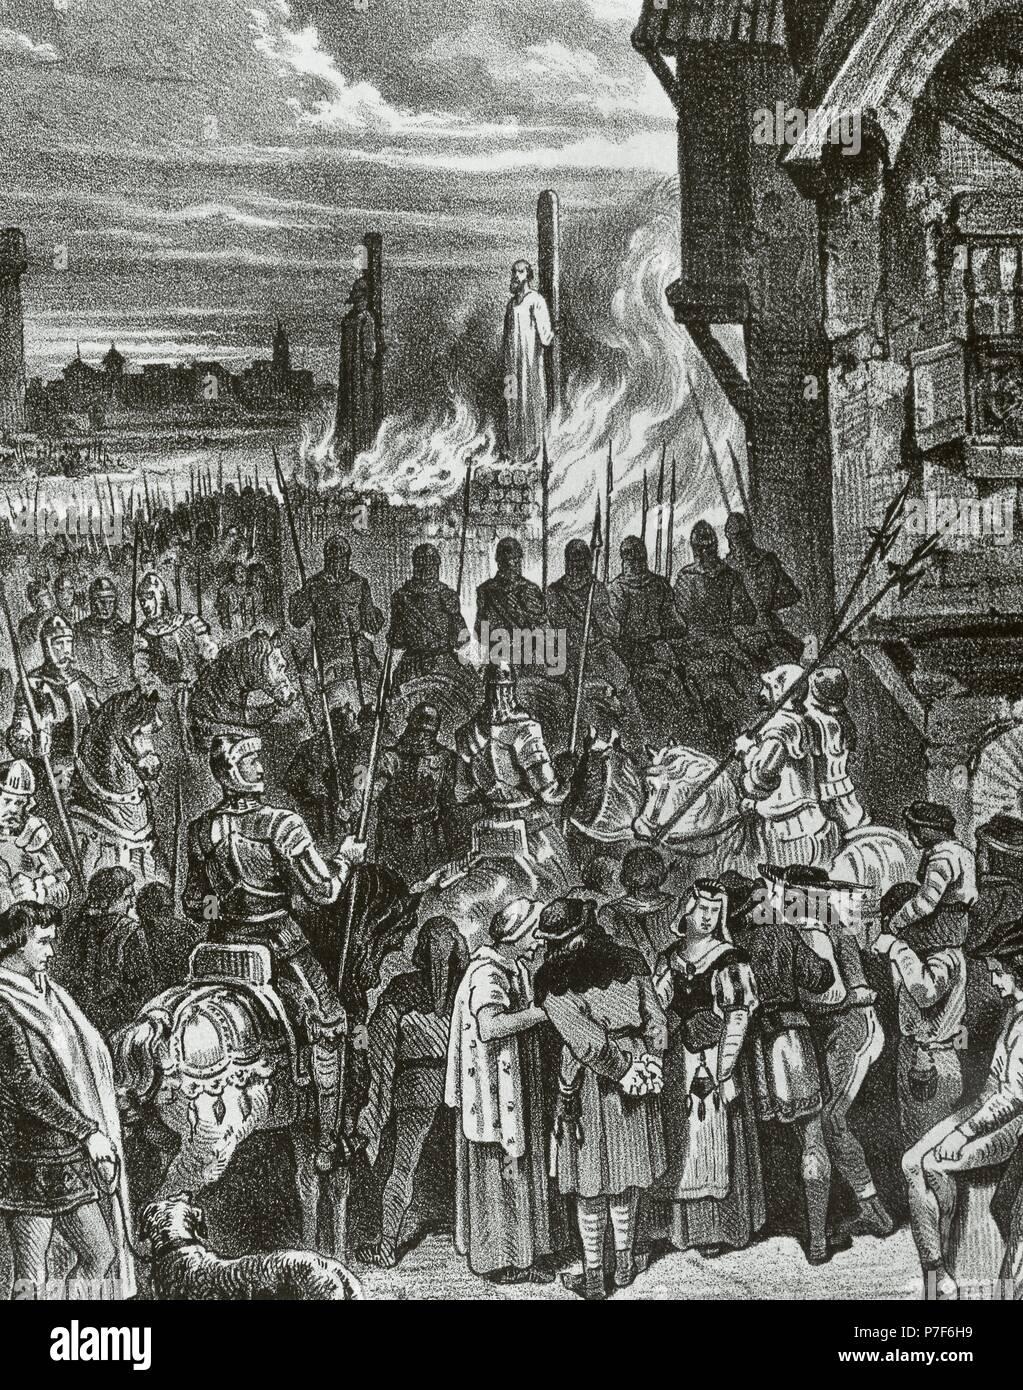 Resultado de imagen de quemados los templarios